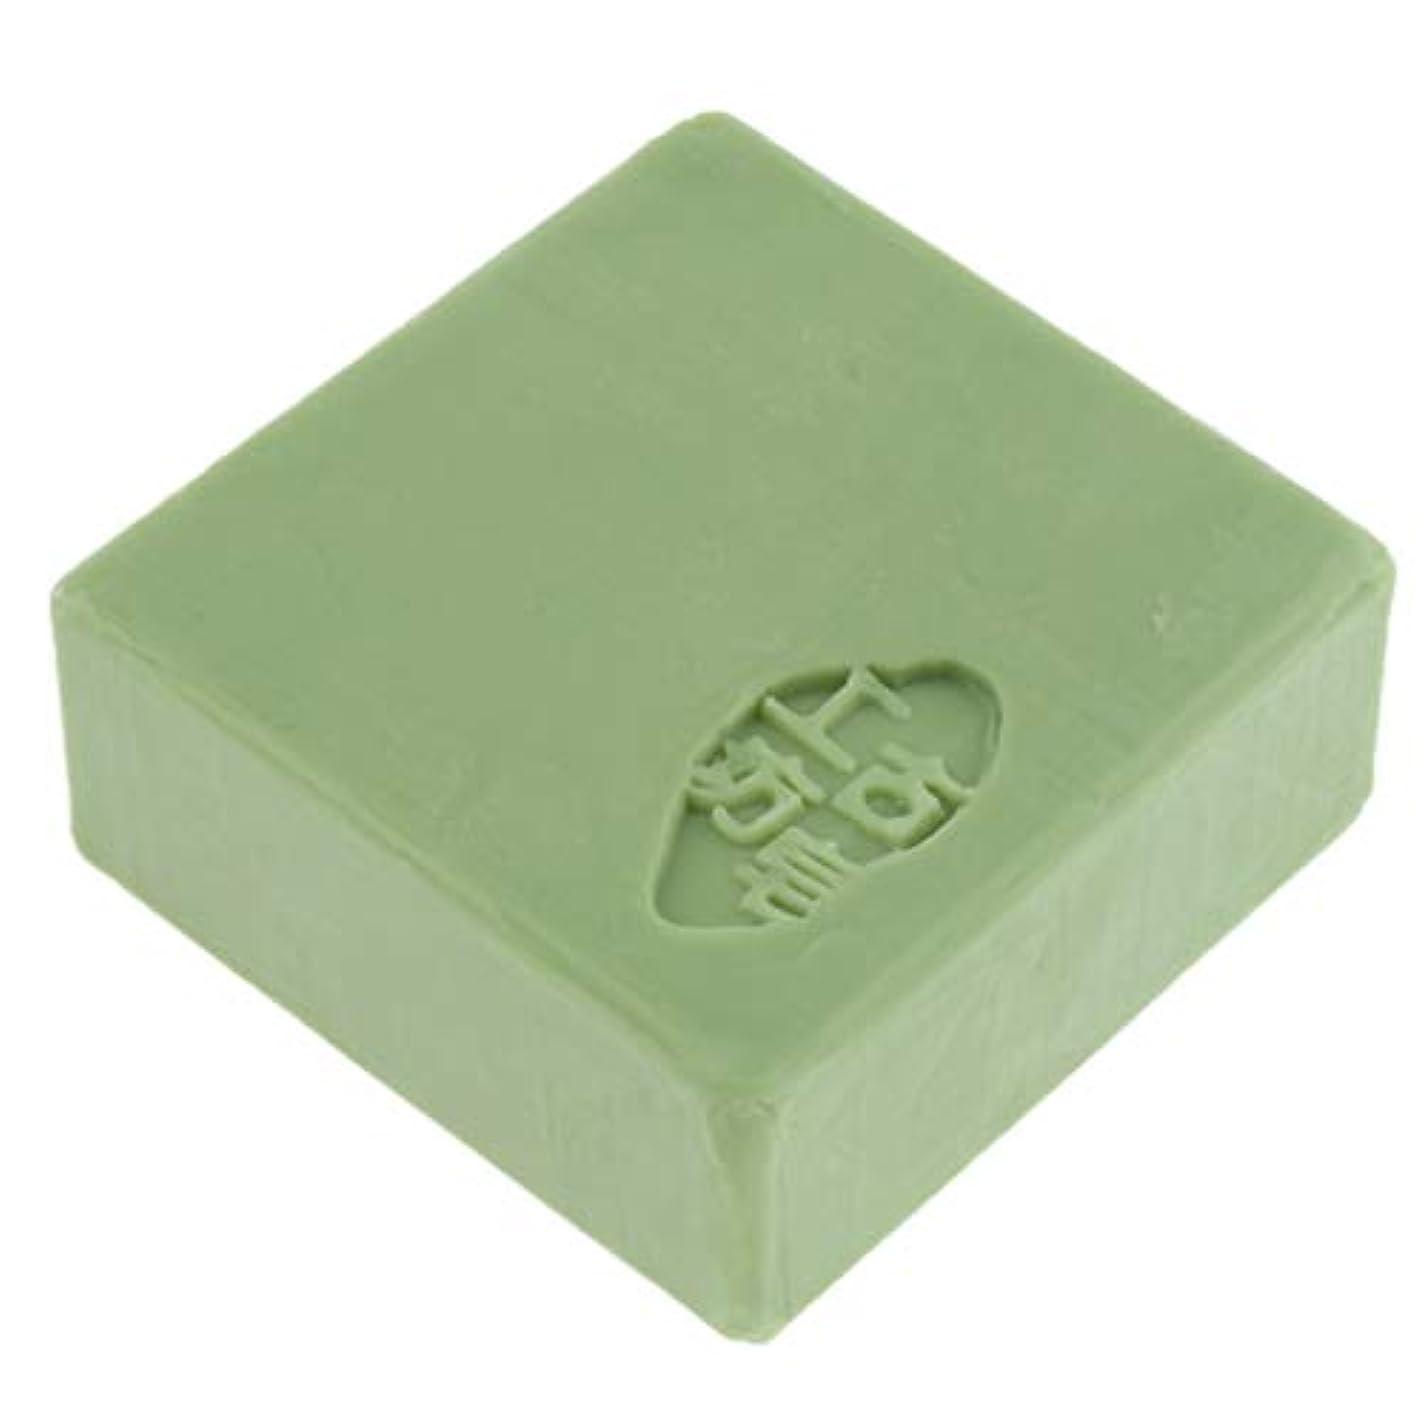 気配りのあるスラダム労働者フェイスソープ ボディソープ スキンケア 石鹸 メイク落とし 全3色 - 緑